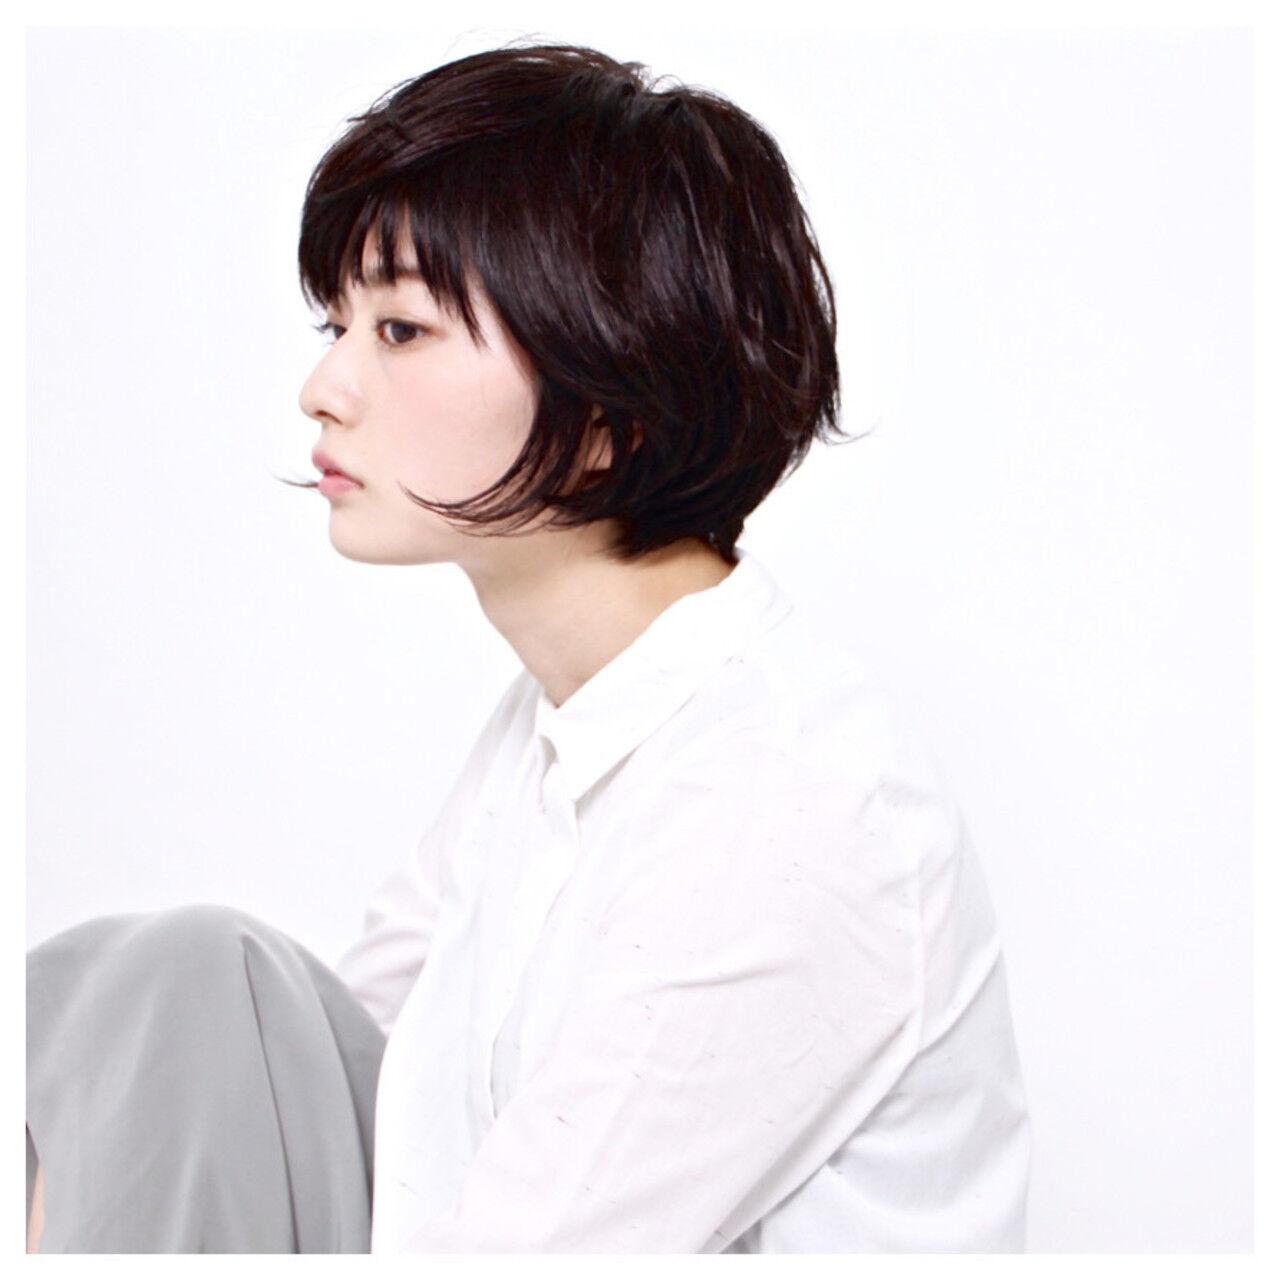 黒髪 前髪あり 大人かわいい ショートボブヘアスタイルや髪型の写真・画像